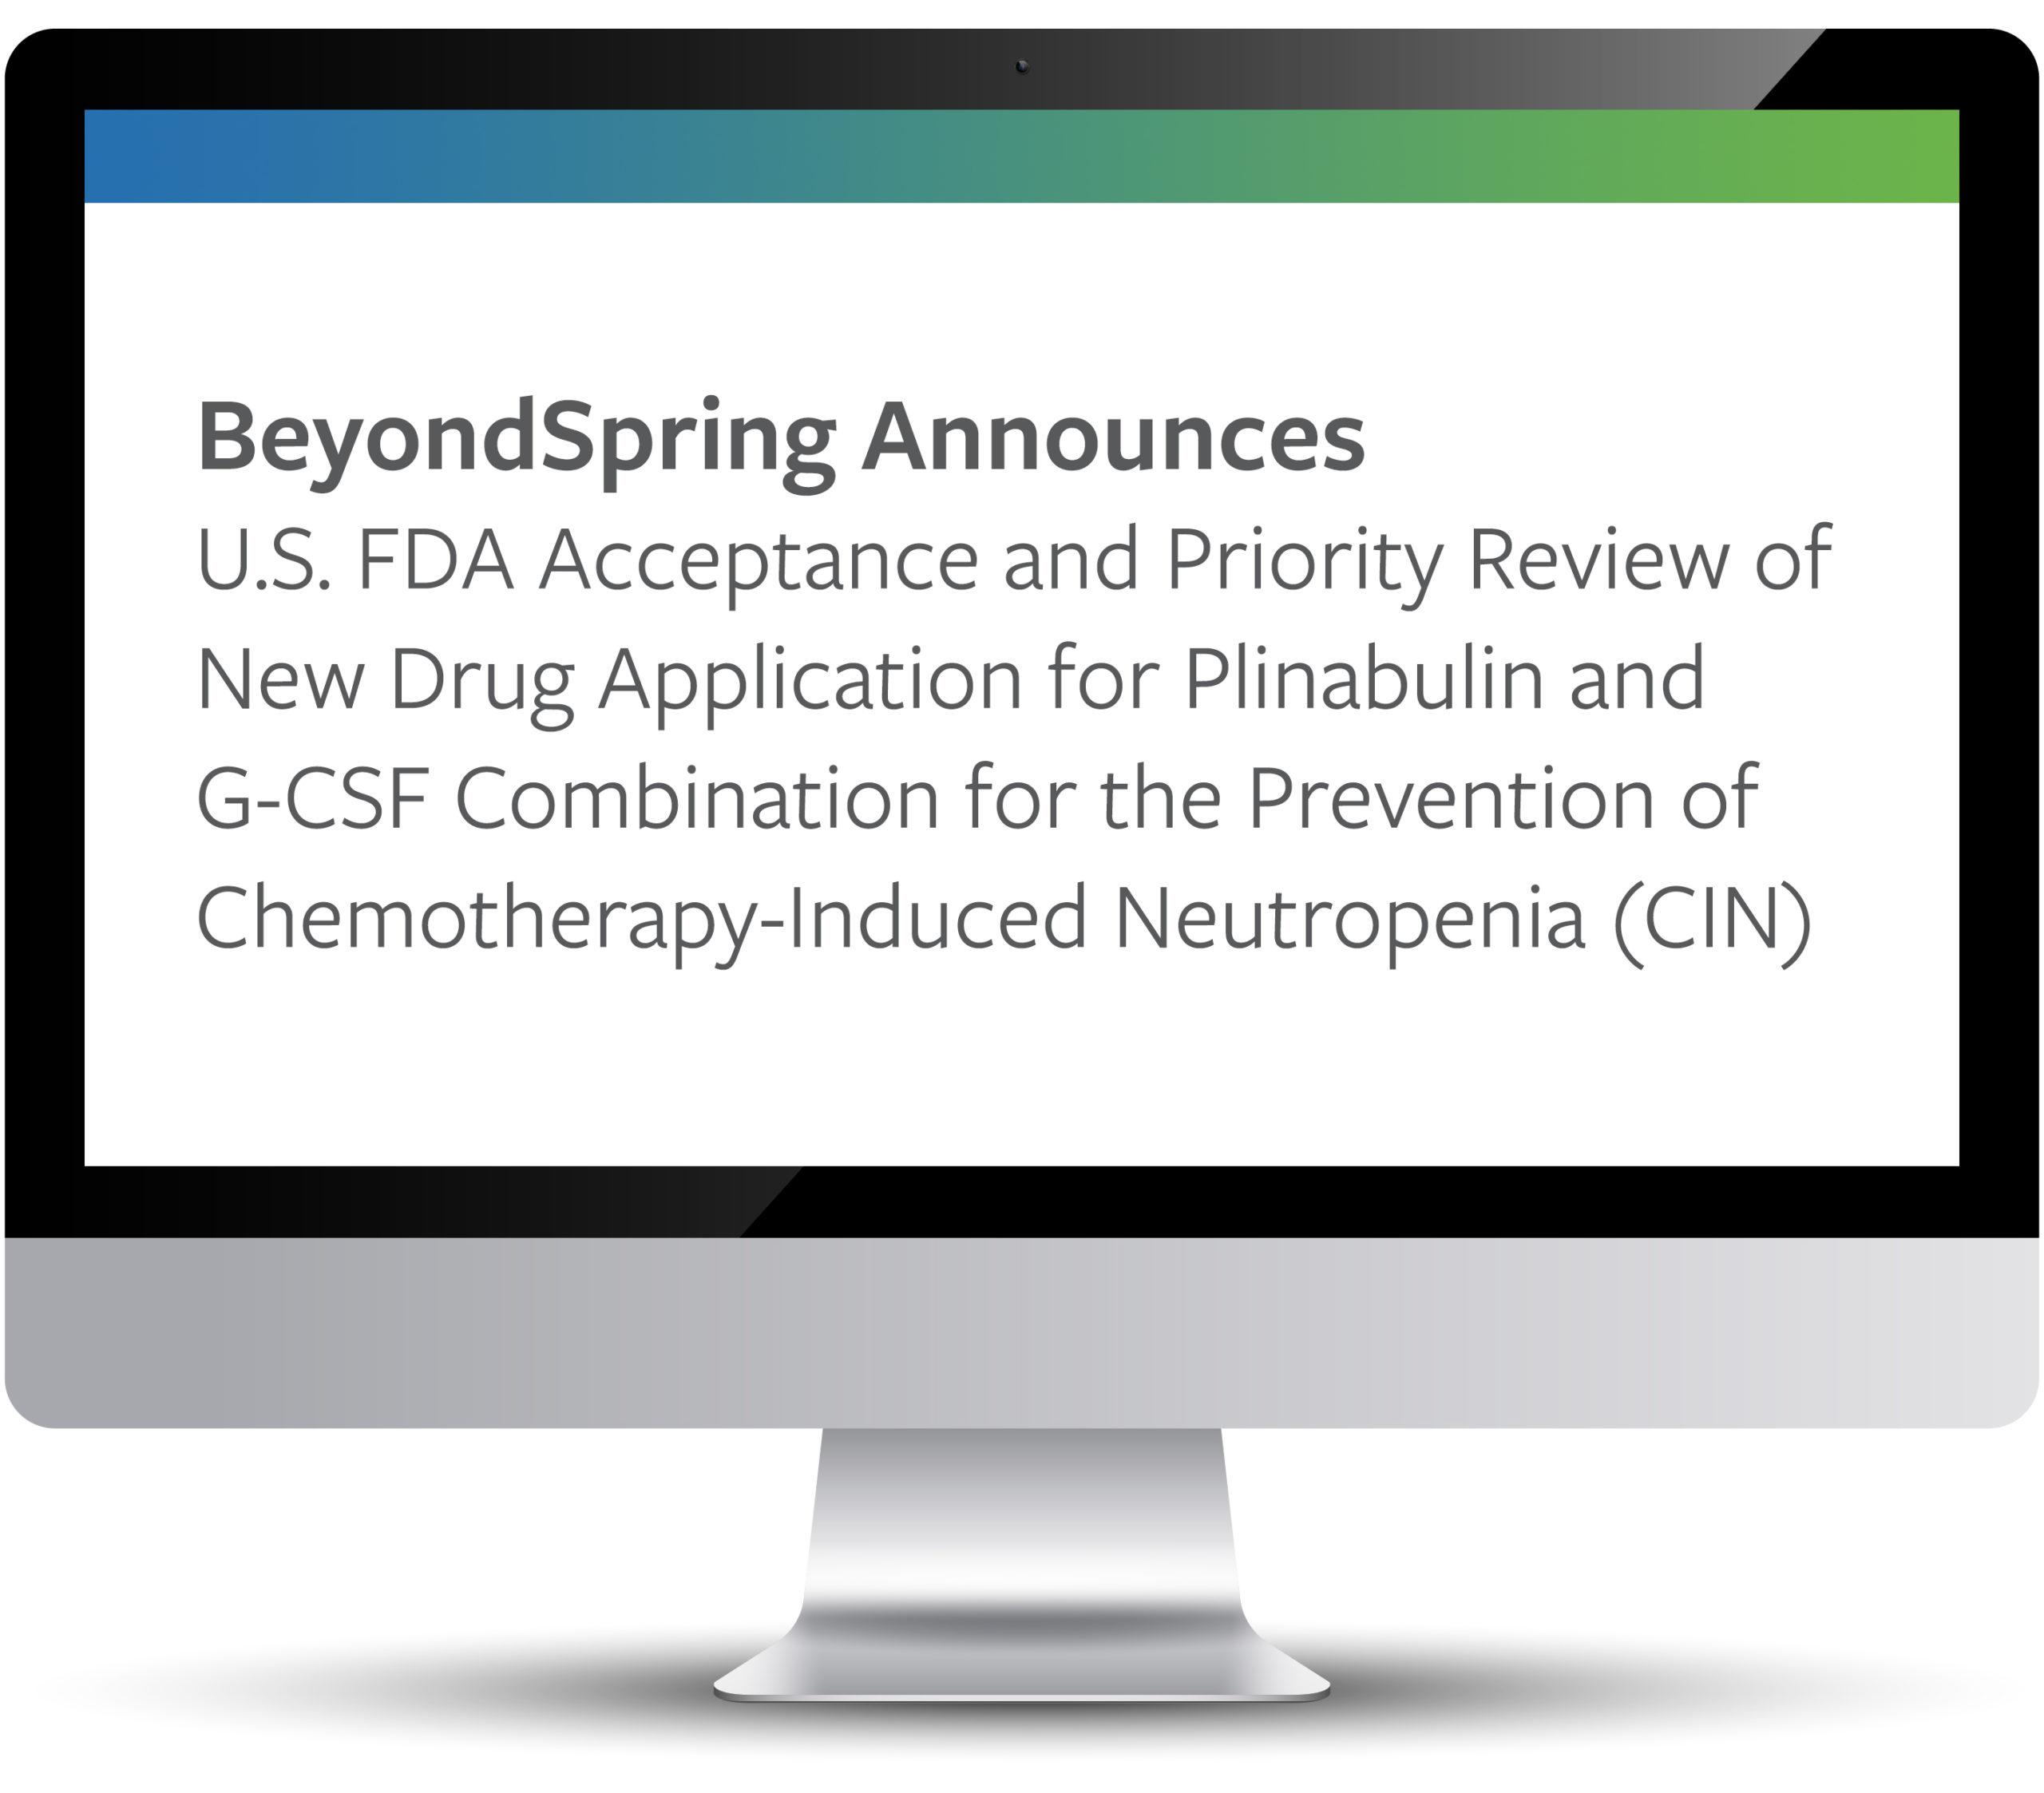 FDA Press Release